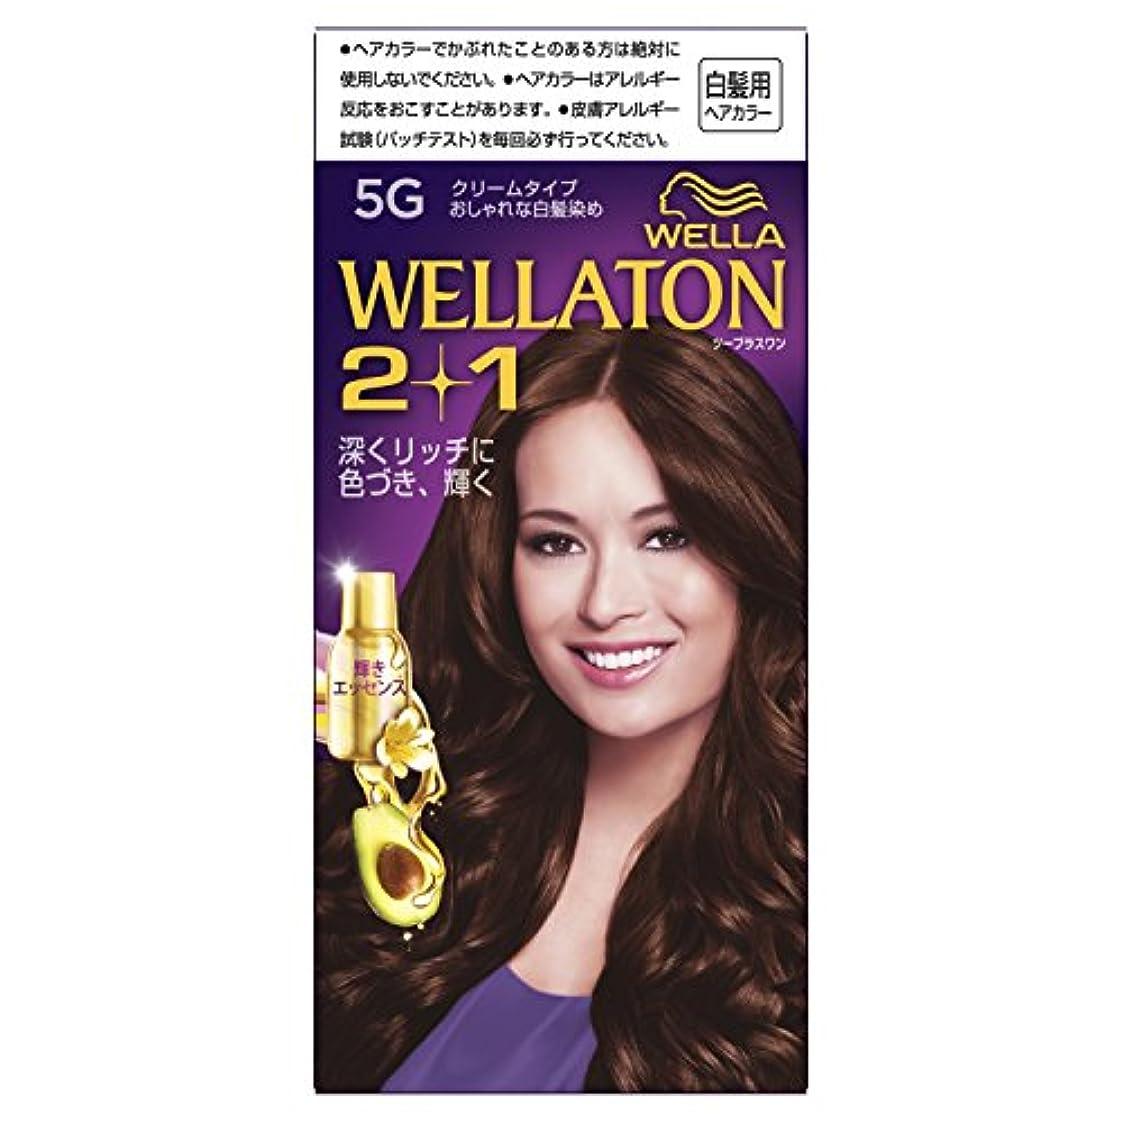 フォーカスキルスつかの間ウエラトーン2+1 クリームタイプ 5G [医薬部外品](おしゃれな白髪染め)